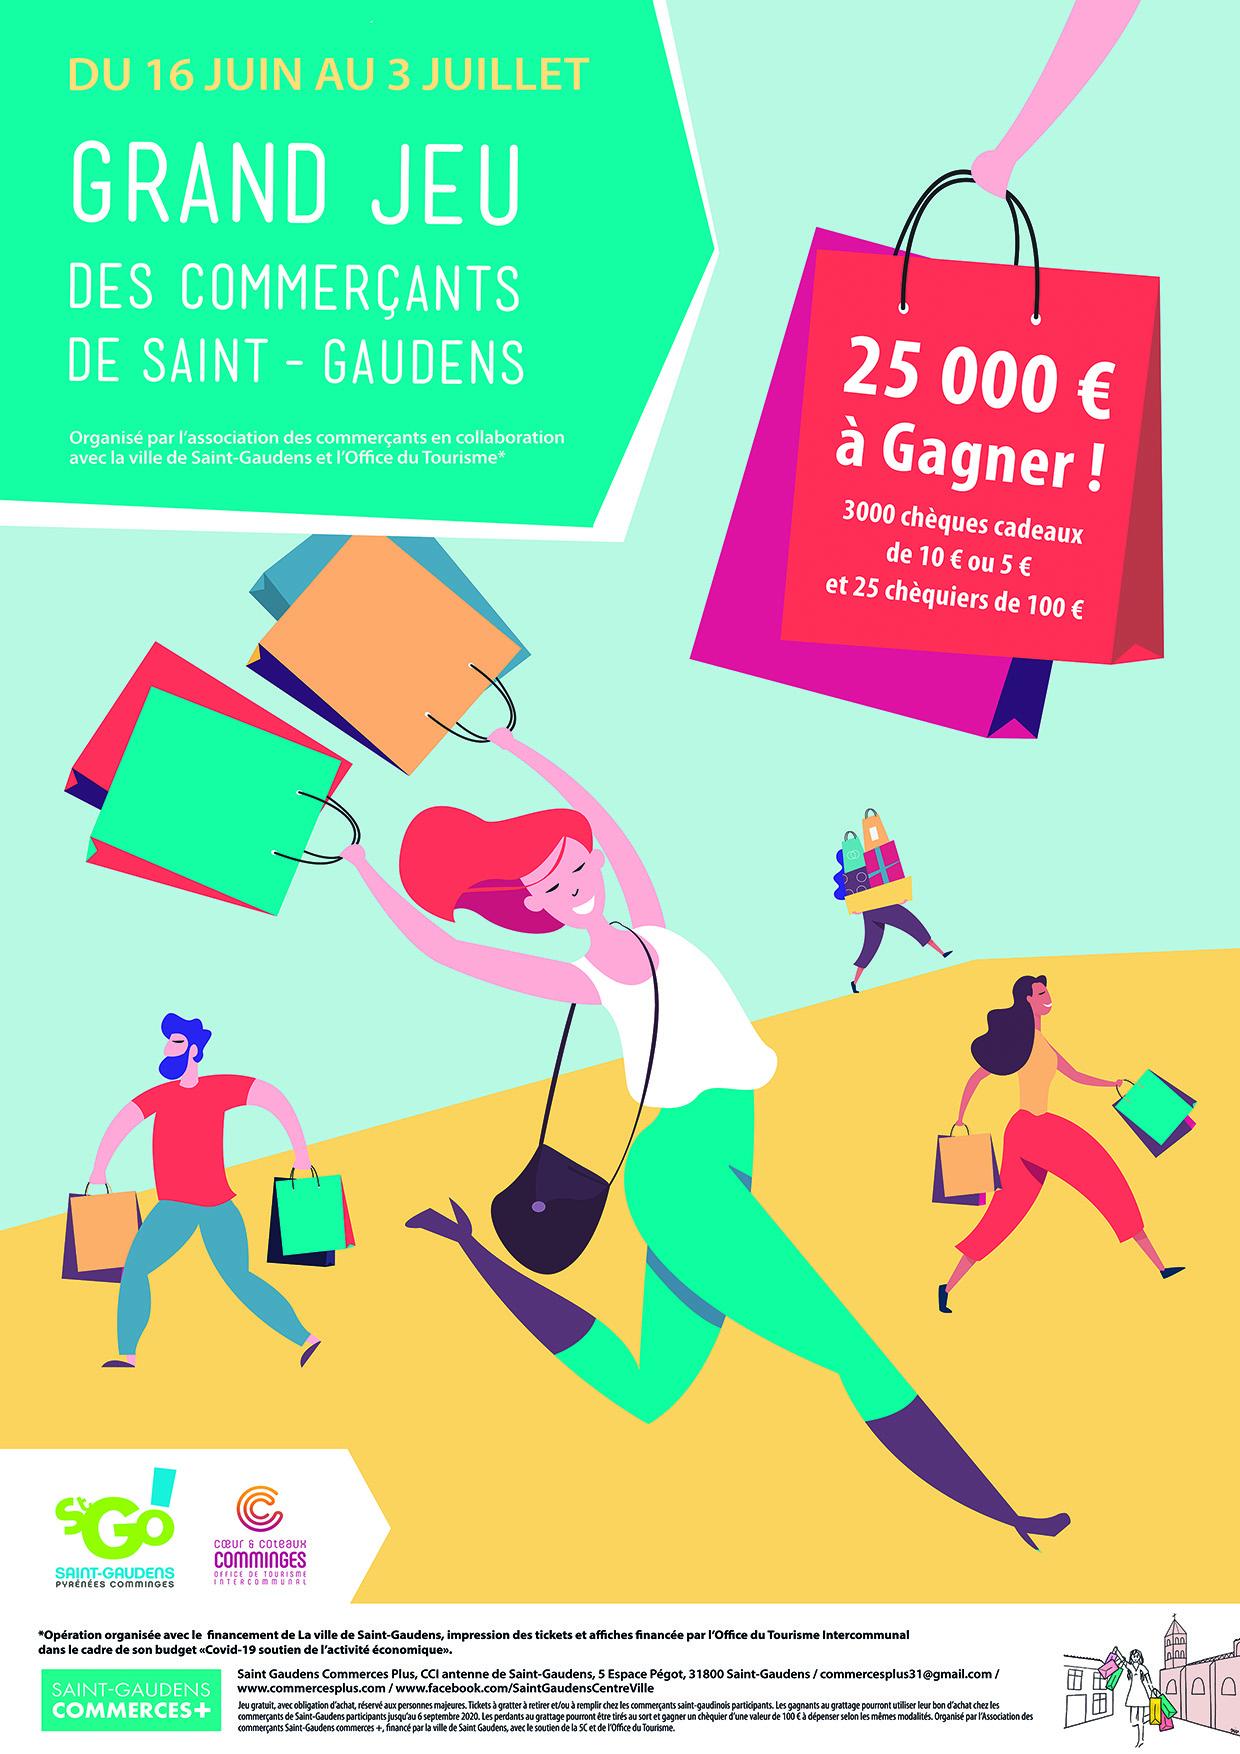 Du 16 au 3 juillet 2020, GRAND JEU des commerçants de Saint-Gaudens. 25000 € à gagner ! 3000 chèques cadeaux de 10€ ou 5€ et 25 chèques de 100€